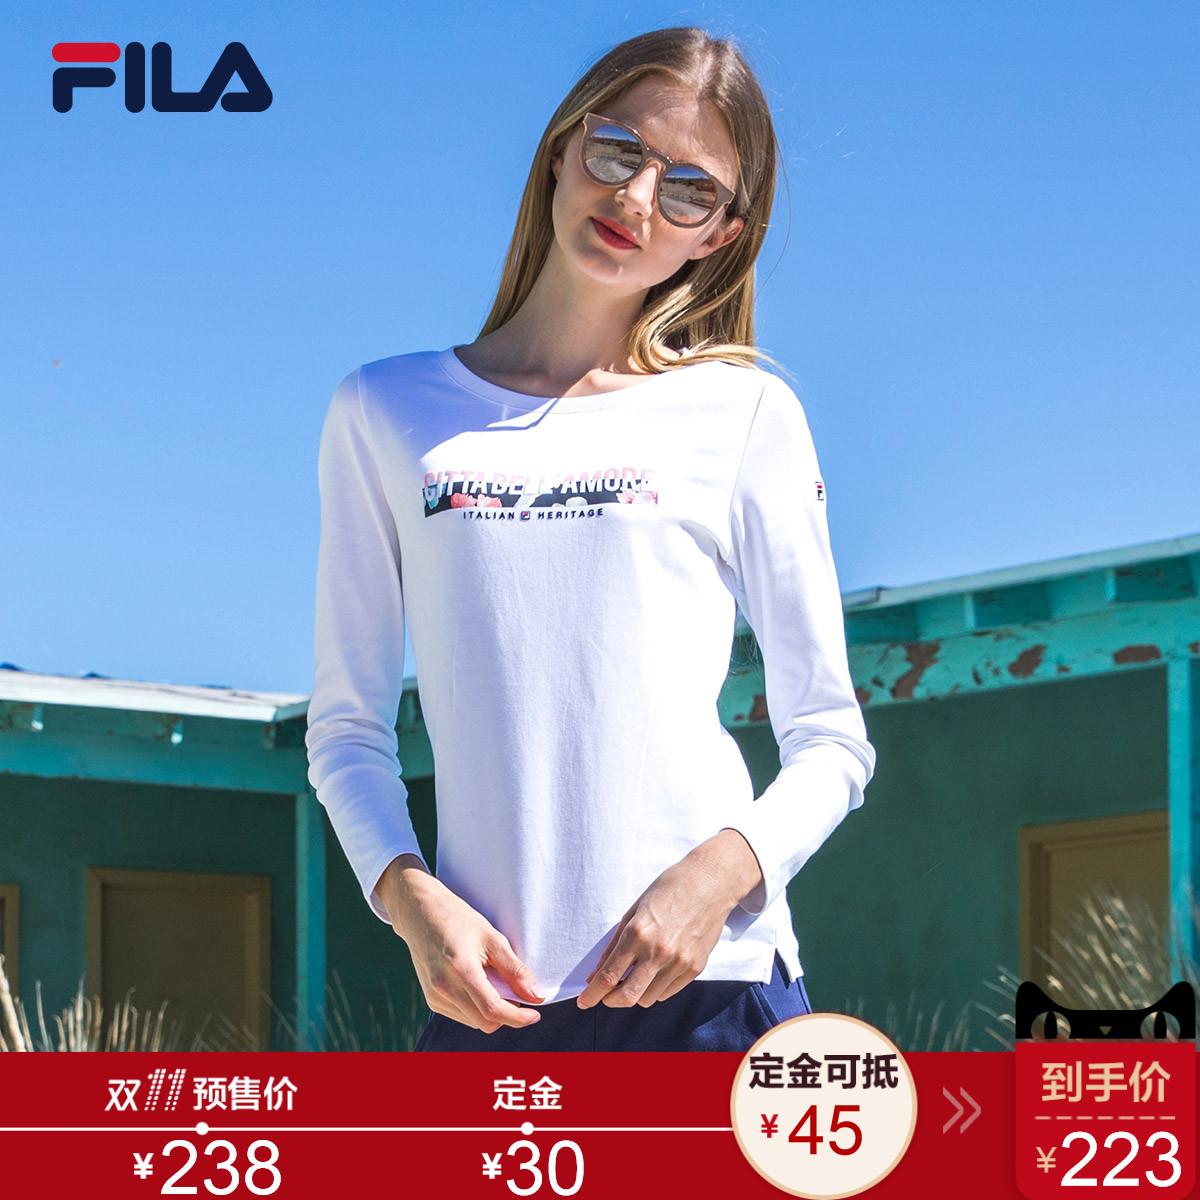 【预售】FILA斐乐女运动T恤新款纯棉长袖圆领透气休闲跑步运动服